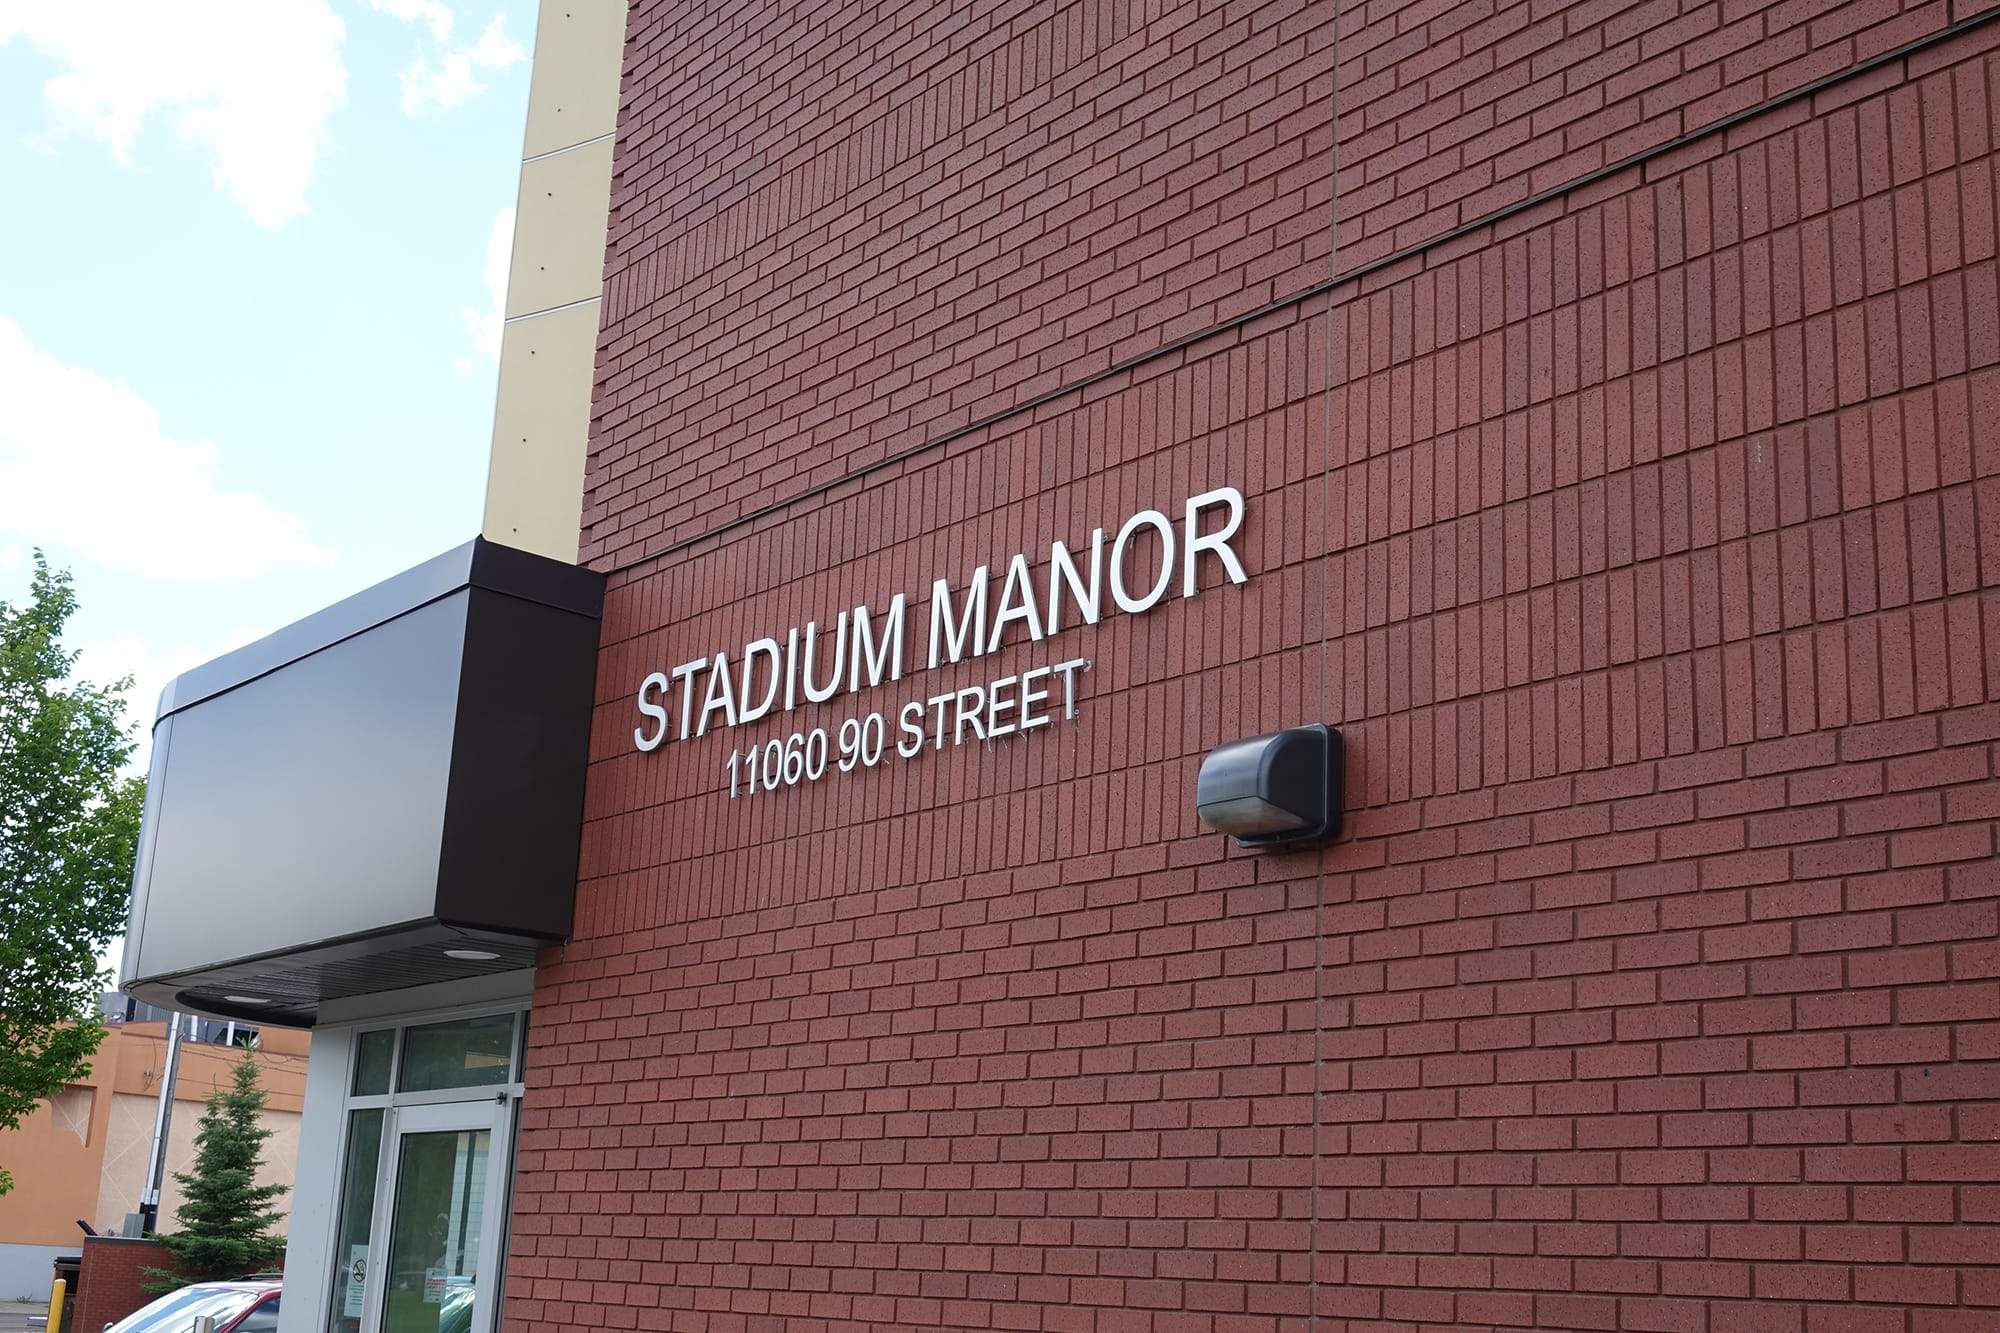 Stadium Manor exterior with signage